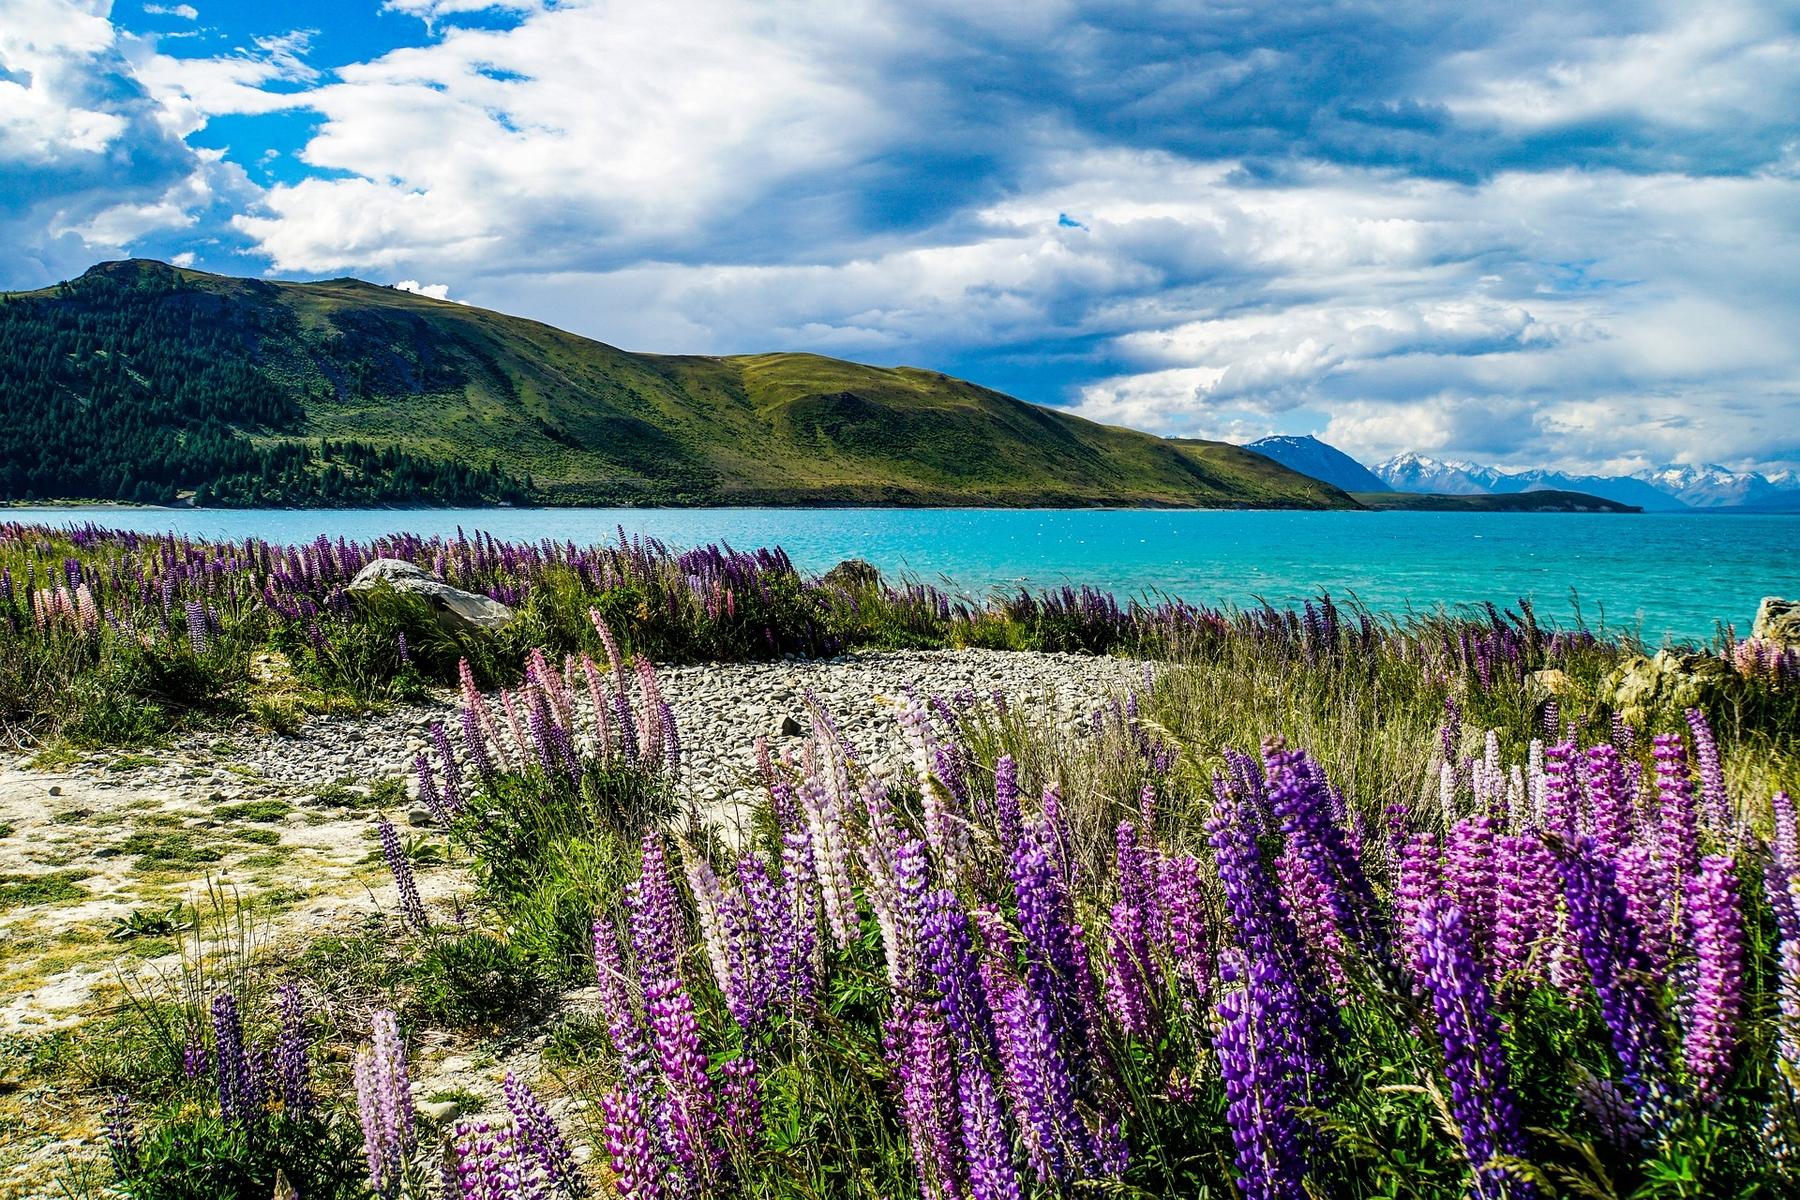 Страны мечты: путешествие в Новую Зеландию